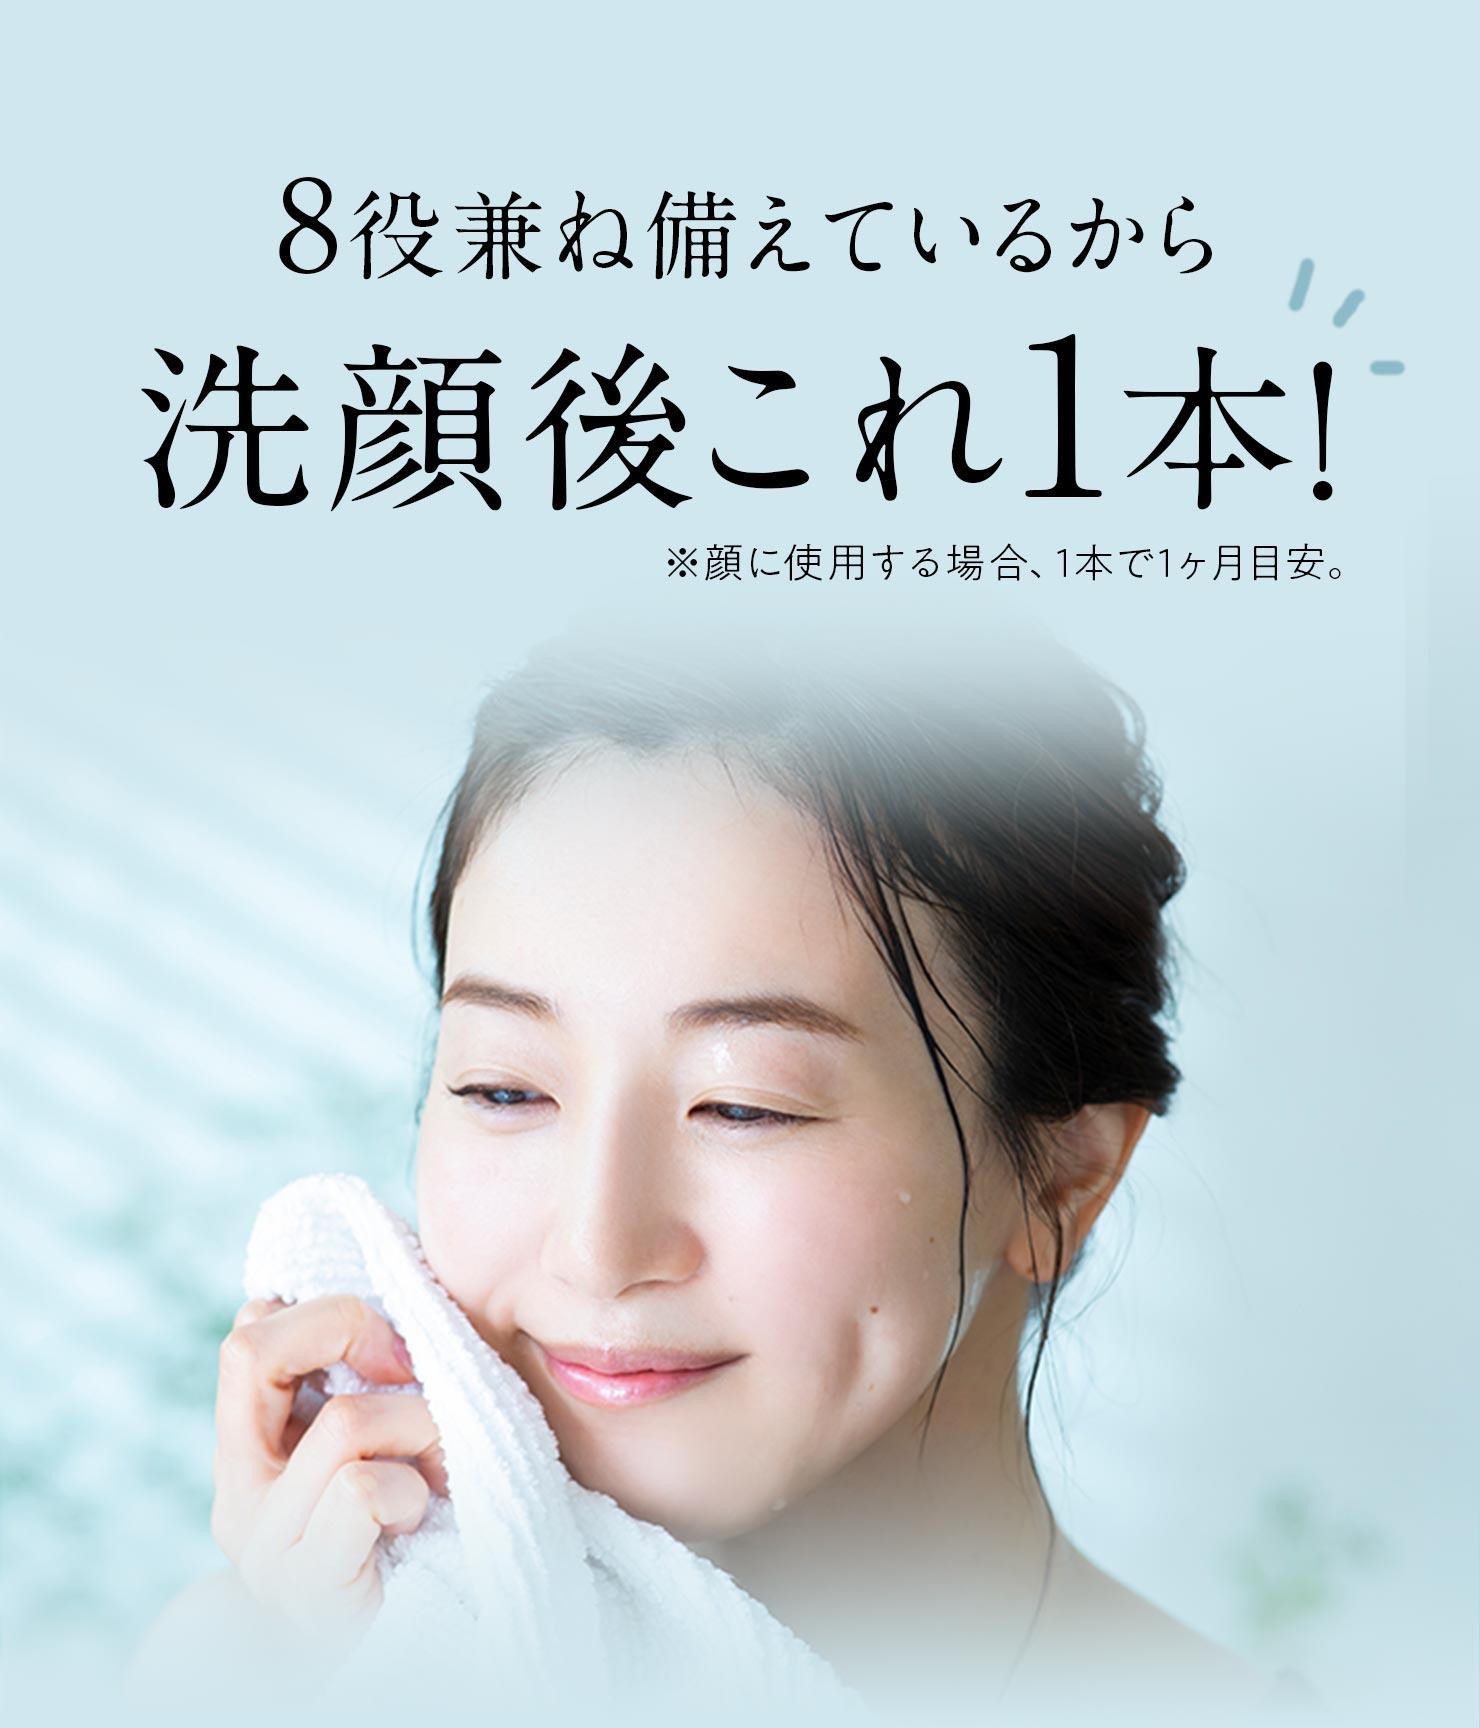 8役兼ね備えているから洗顔後これ1本!※顔に使用する場合、1本で1ヶ月目安。